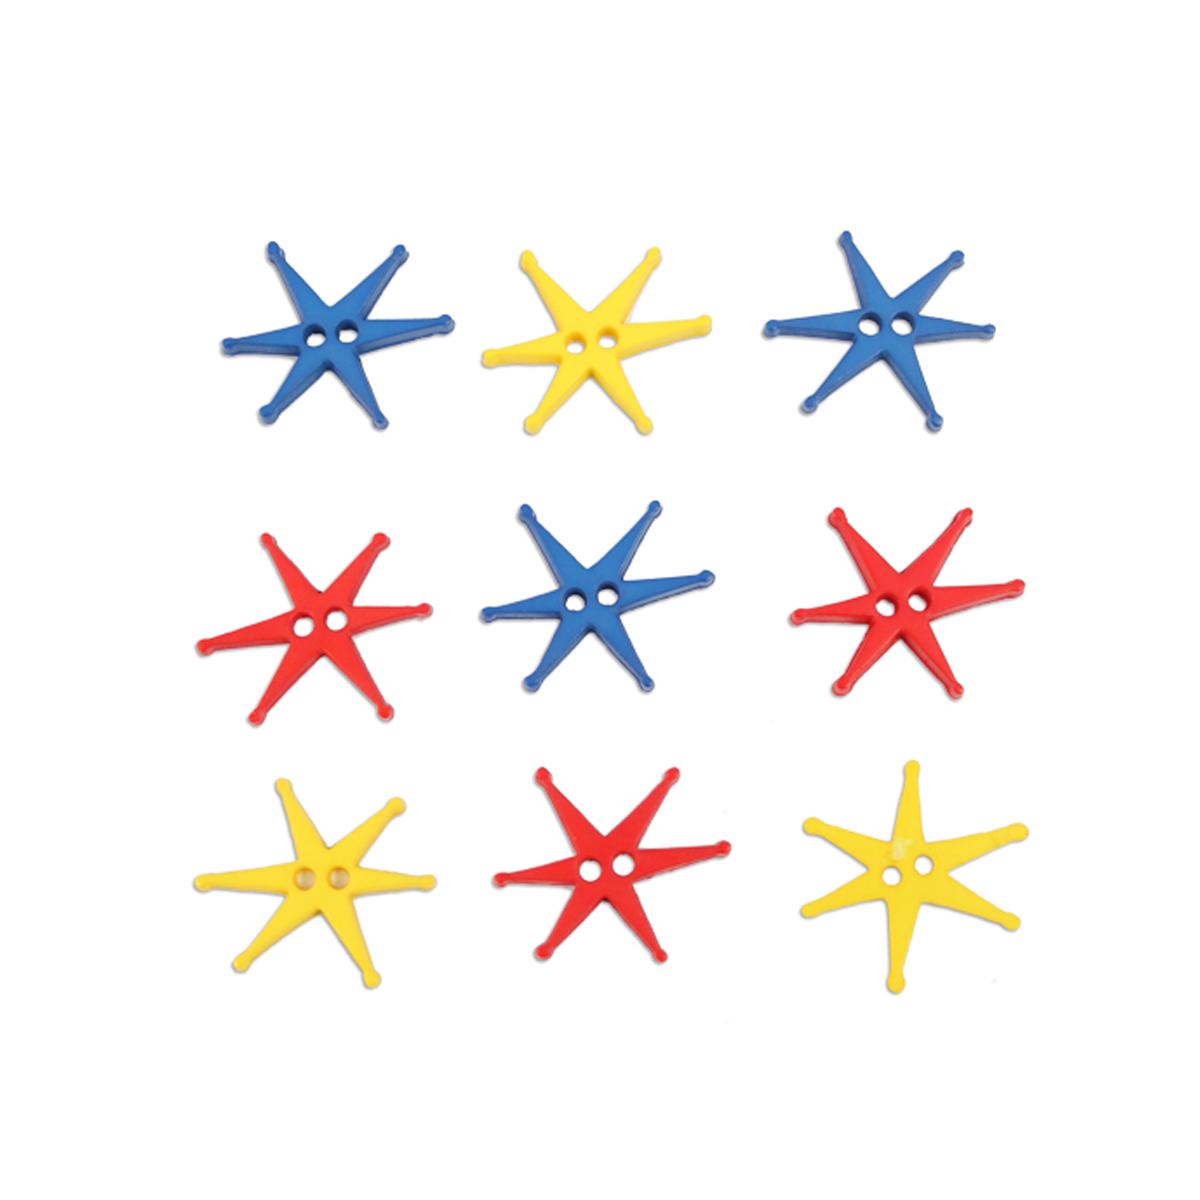 Пуговицы декоративные Magic Buttons Звезды, 10 шт7711105Яркие пуговицы бренда Magic Buttons восхищают разнообразием стилей и цветов. Они станут отличным дополнением в качестве завершающего штриха на одежде, кроме того их можно использовать в скрапбуинге, создавать с помощью них интересные открытки, подарочные конверты и многое, многое другое.